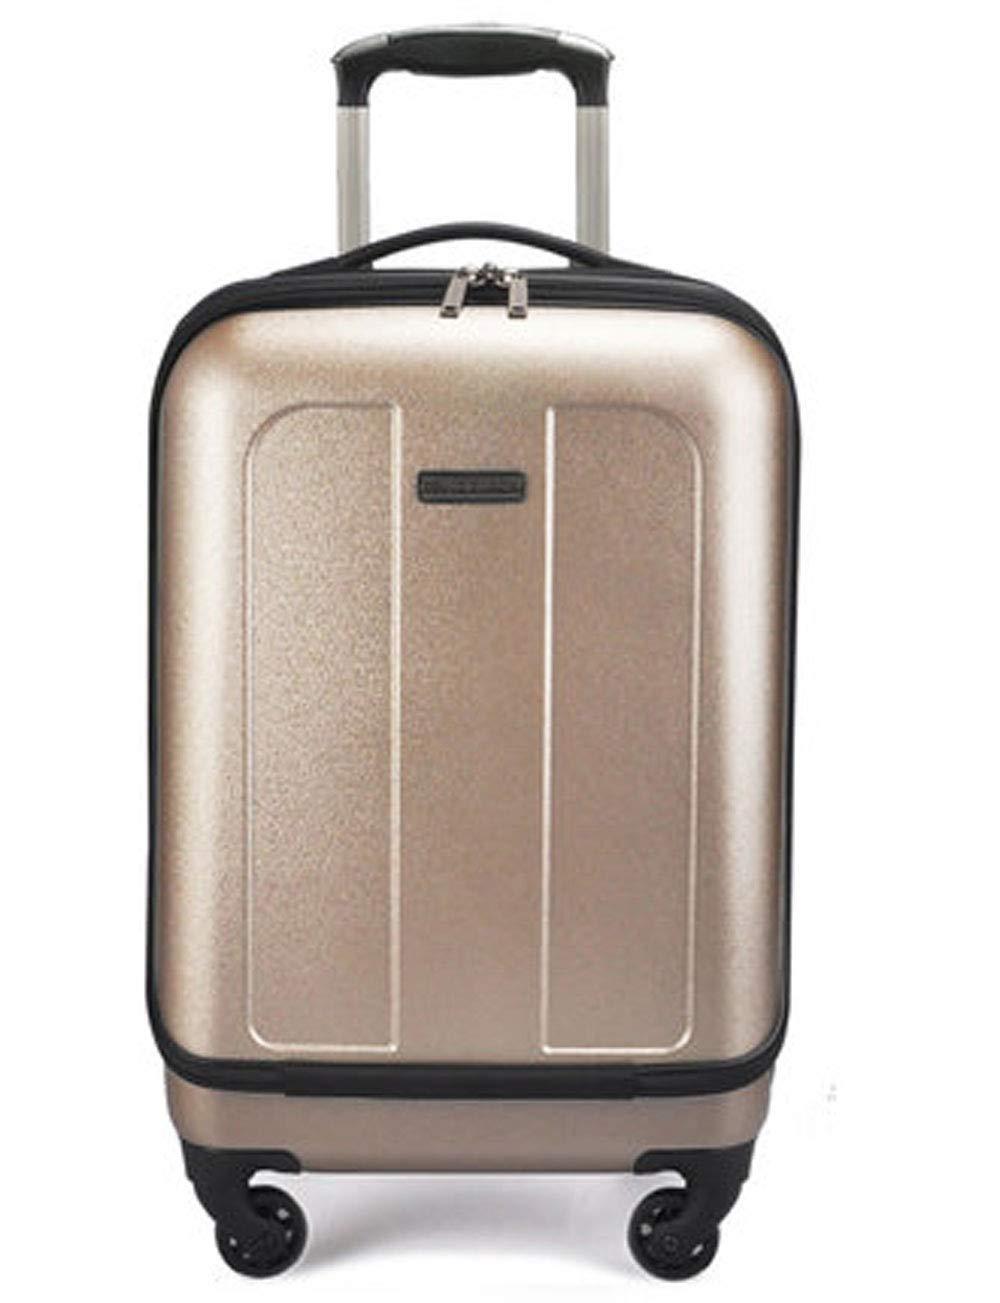 拡張ビジネスハードシェルPCの荷物、コンピュータバッグのデザイン、アルミニウム合金レバー、サイレントローラー、シャーシへのパスワード (色 : ゴールド)   B07GSXH2S8